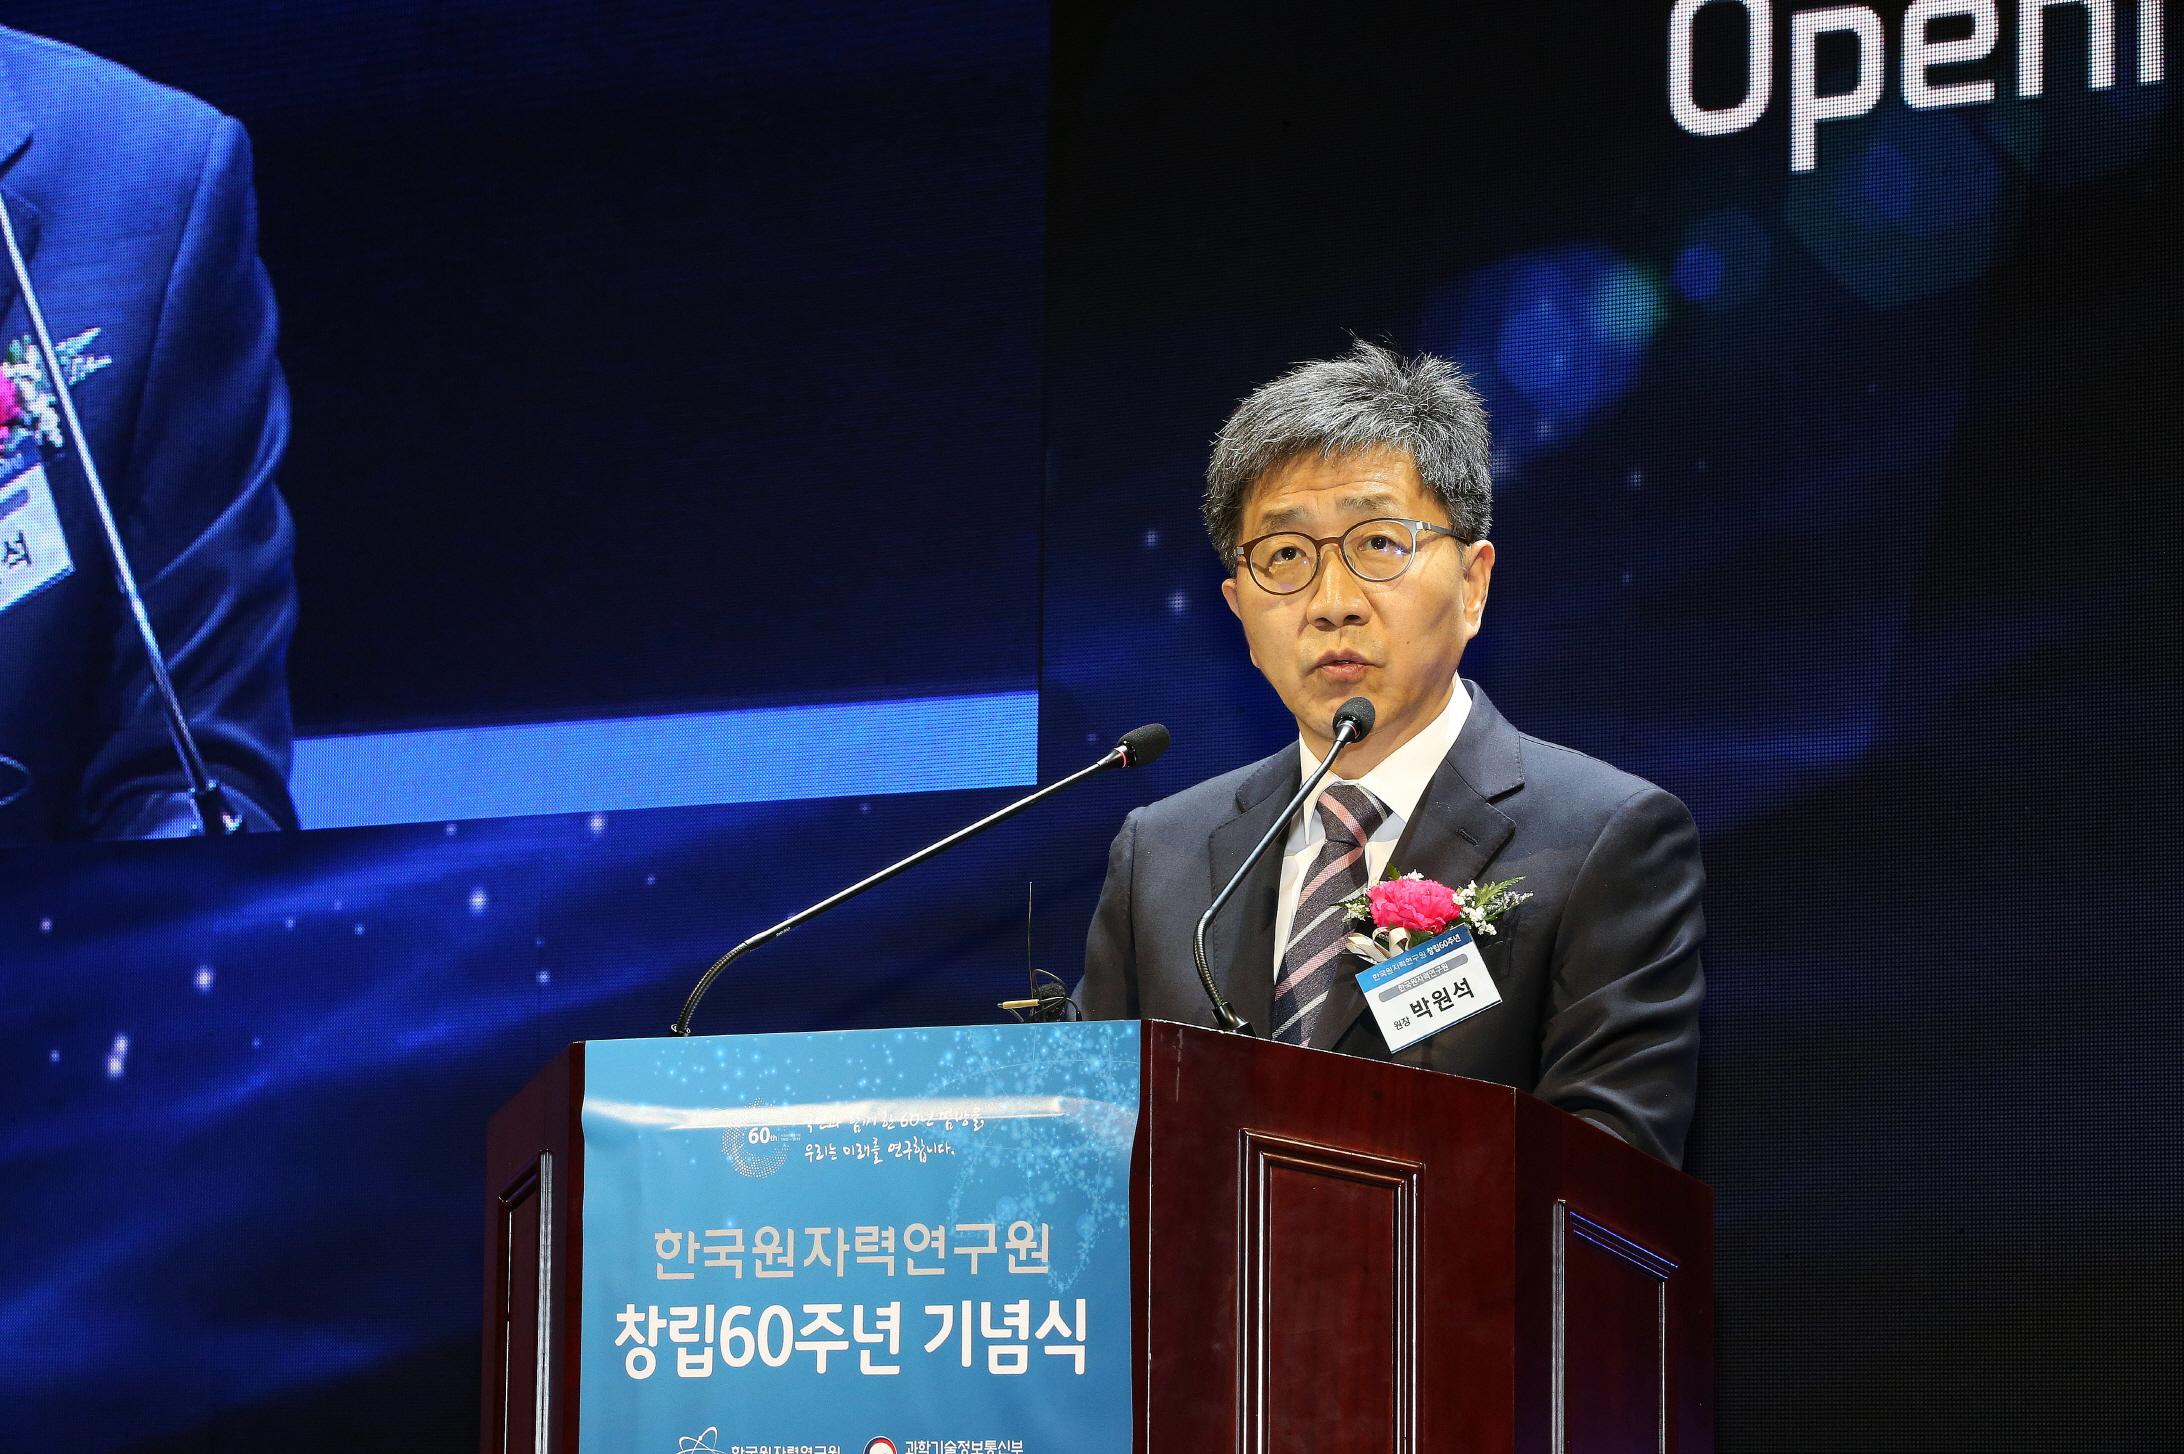 사진5. 창립 60주년 기념식 박원석 원장